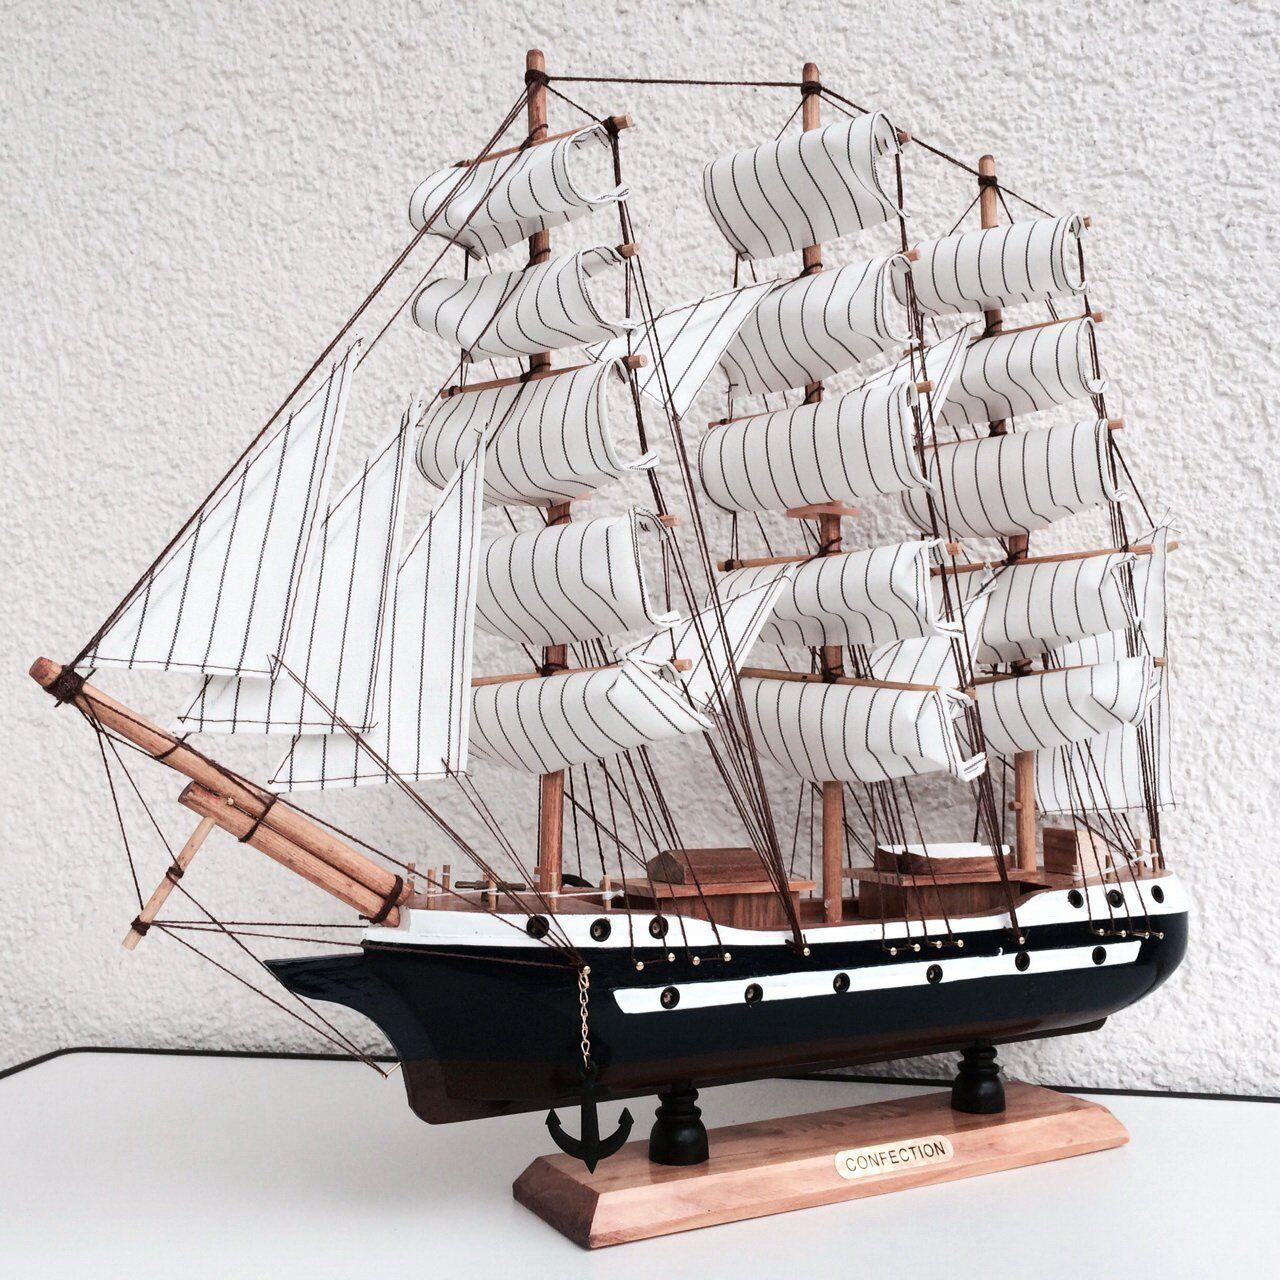 Cc Modello Miniatura Decorativa Barca Galeone Dei Pirati Confection 60cm moc